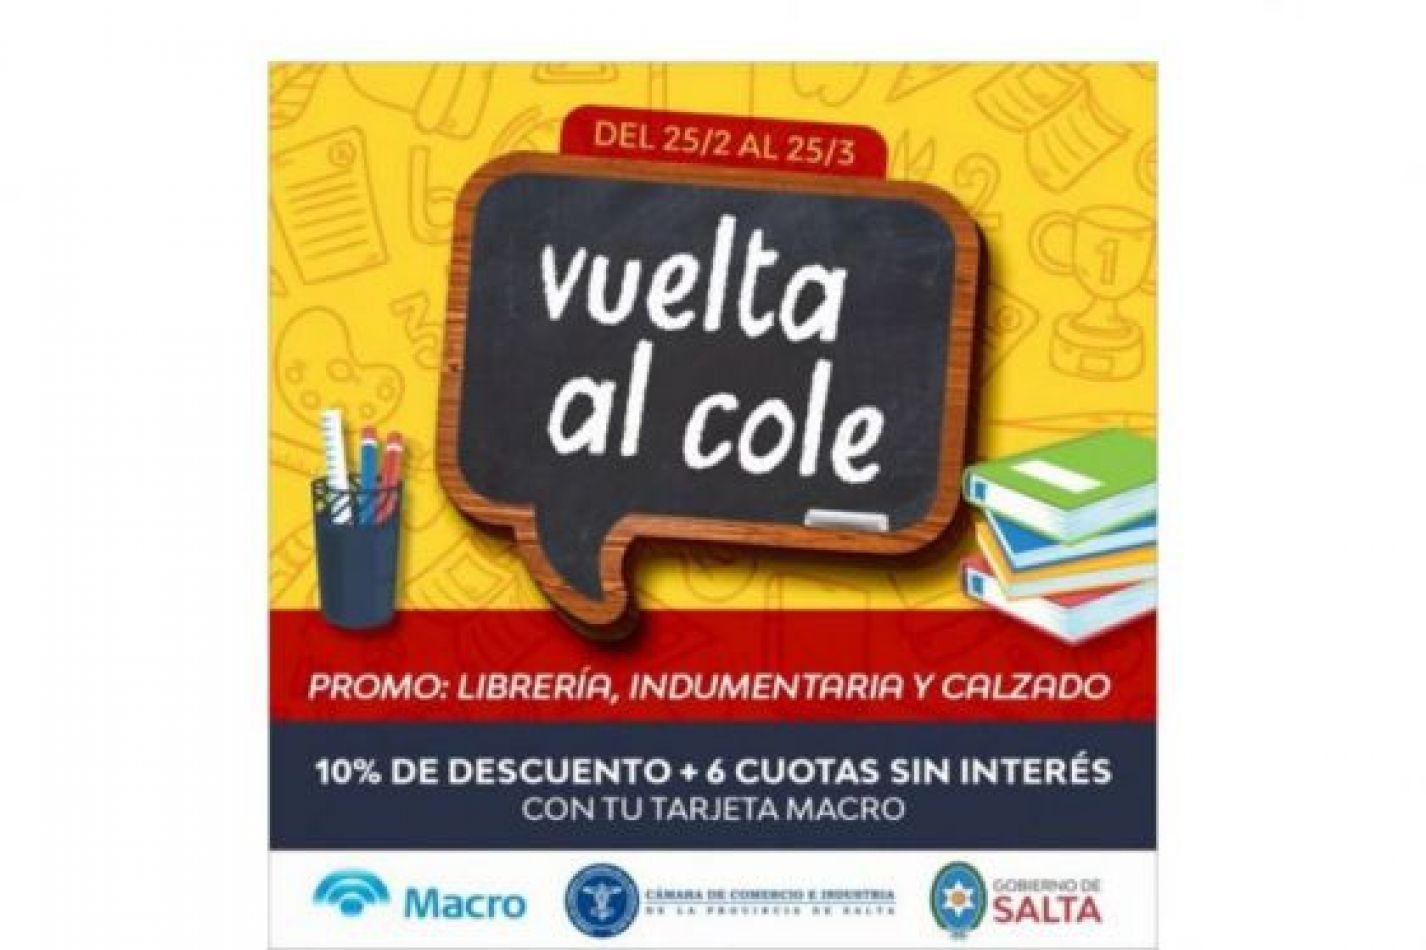 """Continúa la promoción """"Vuelta al cole"""" hasta el 25 de este mes"""